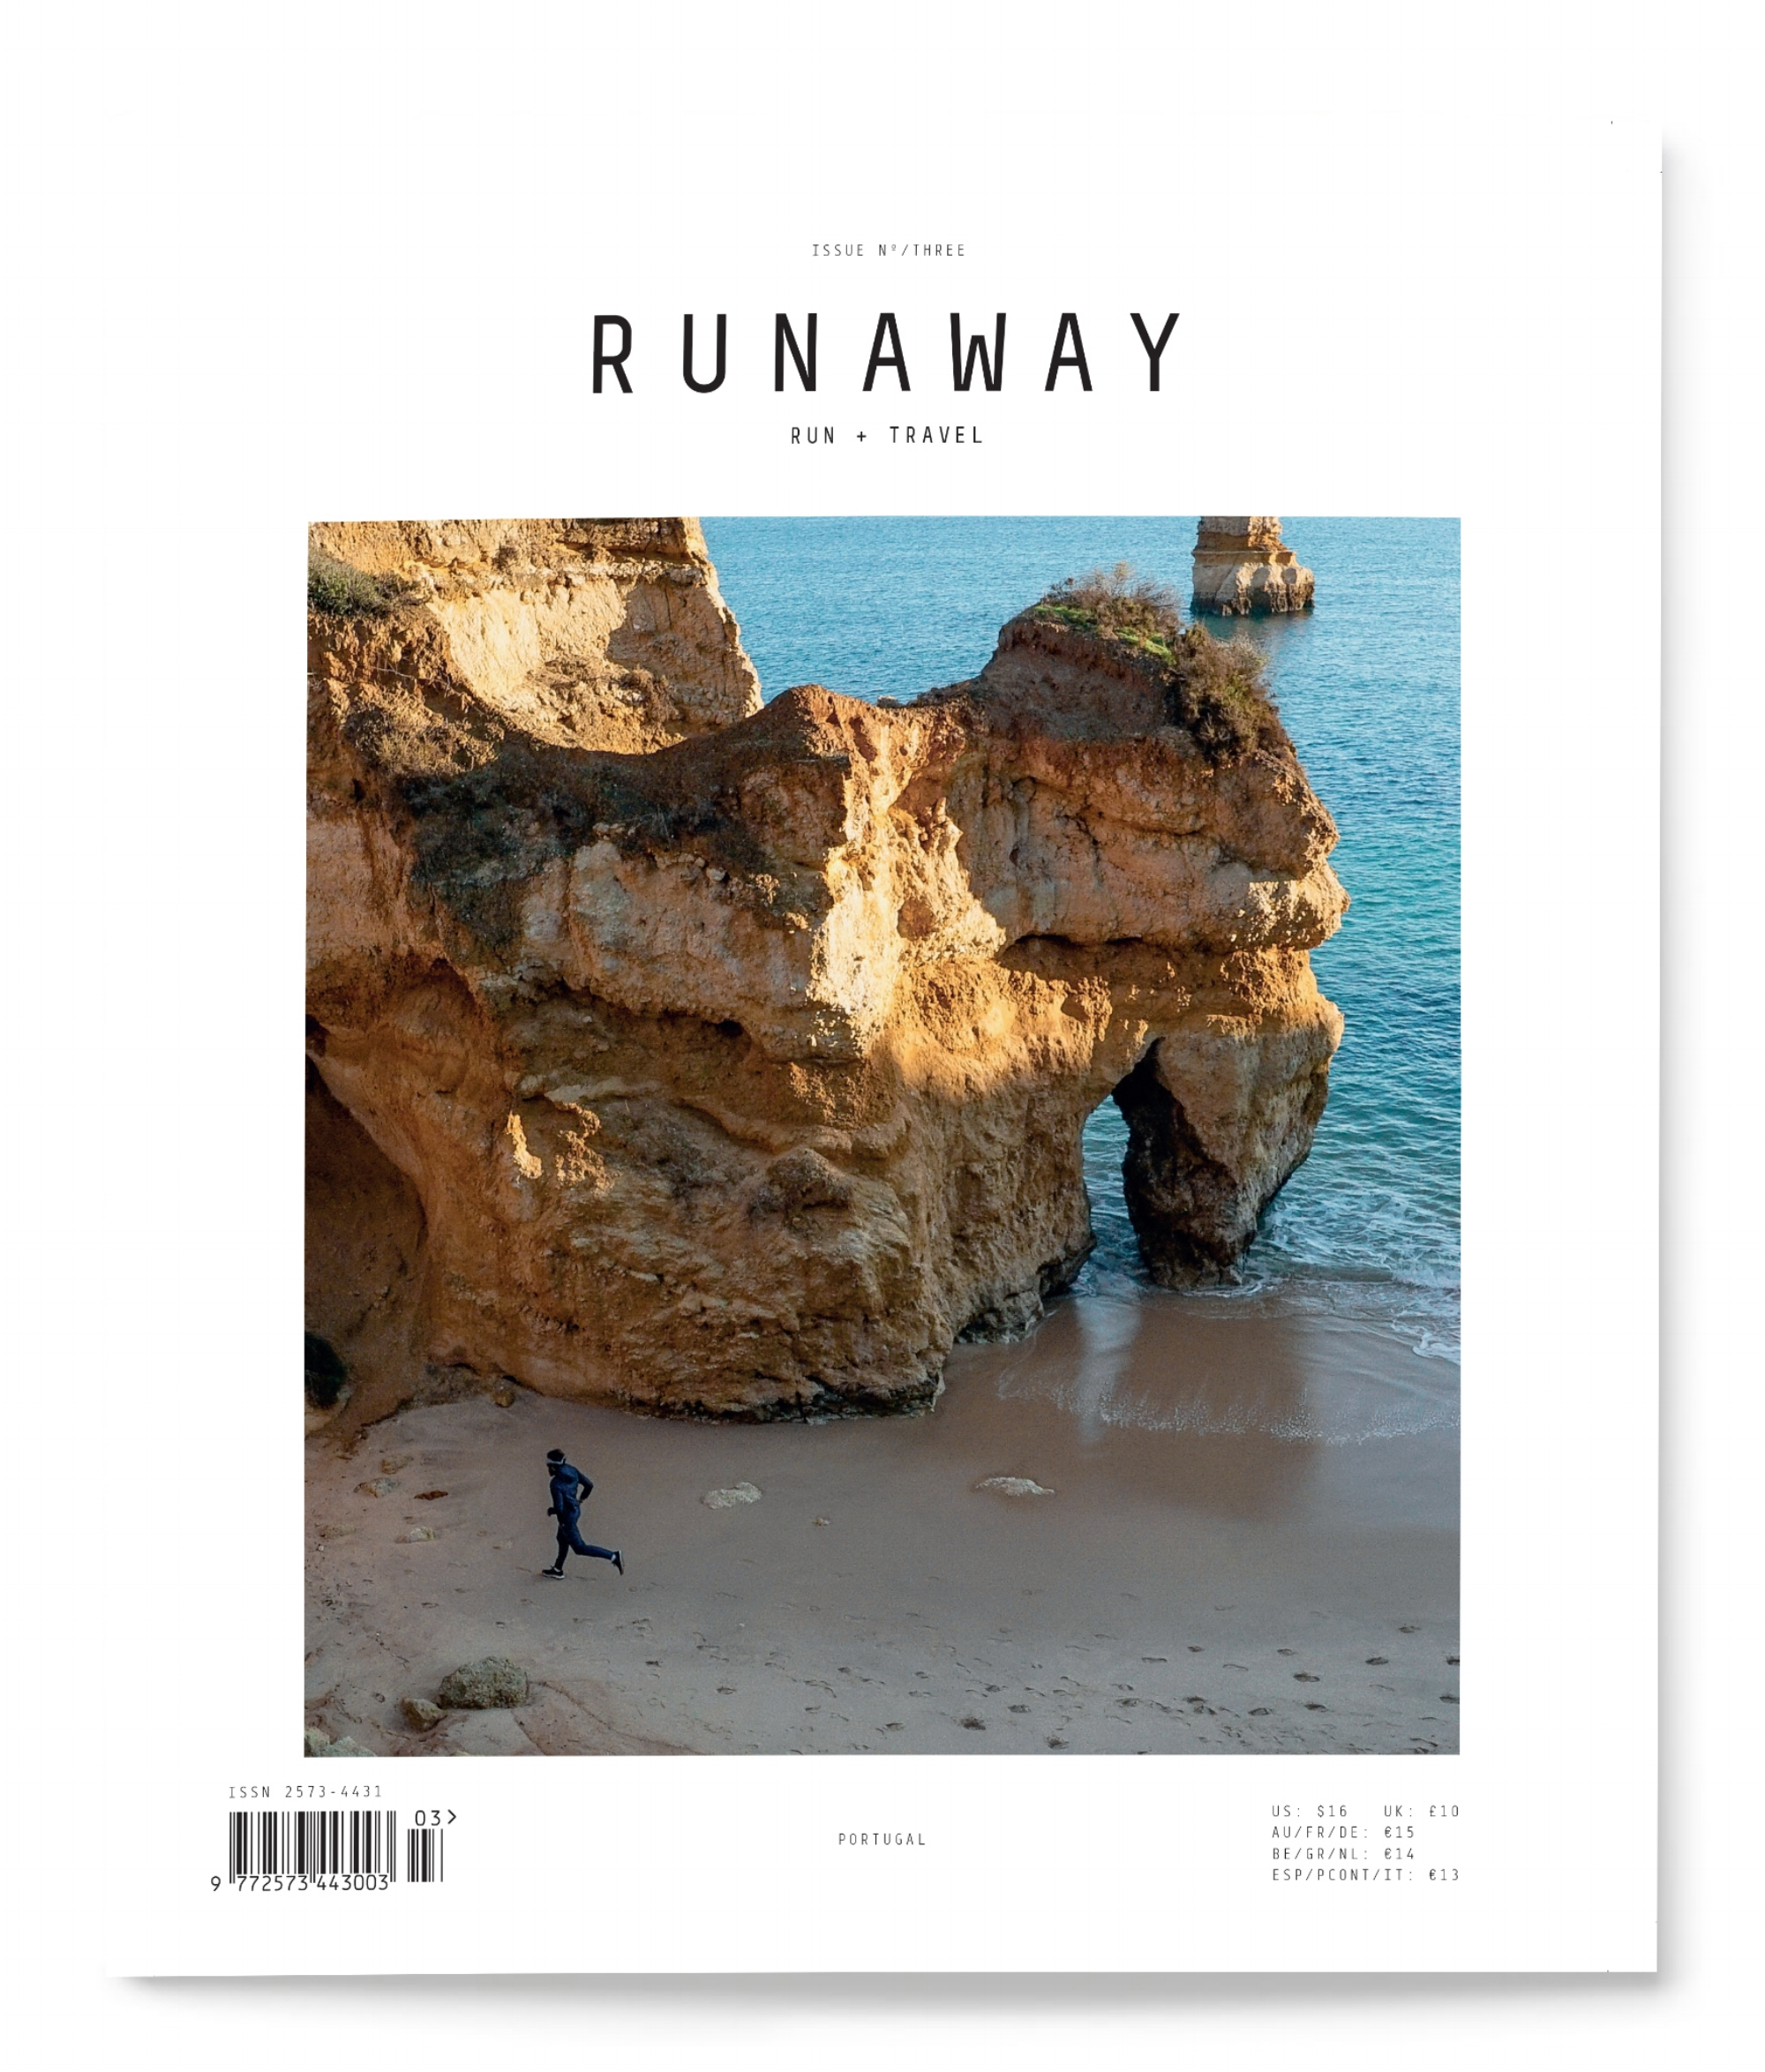 Runaway_PG_Cover.jpg